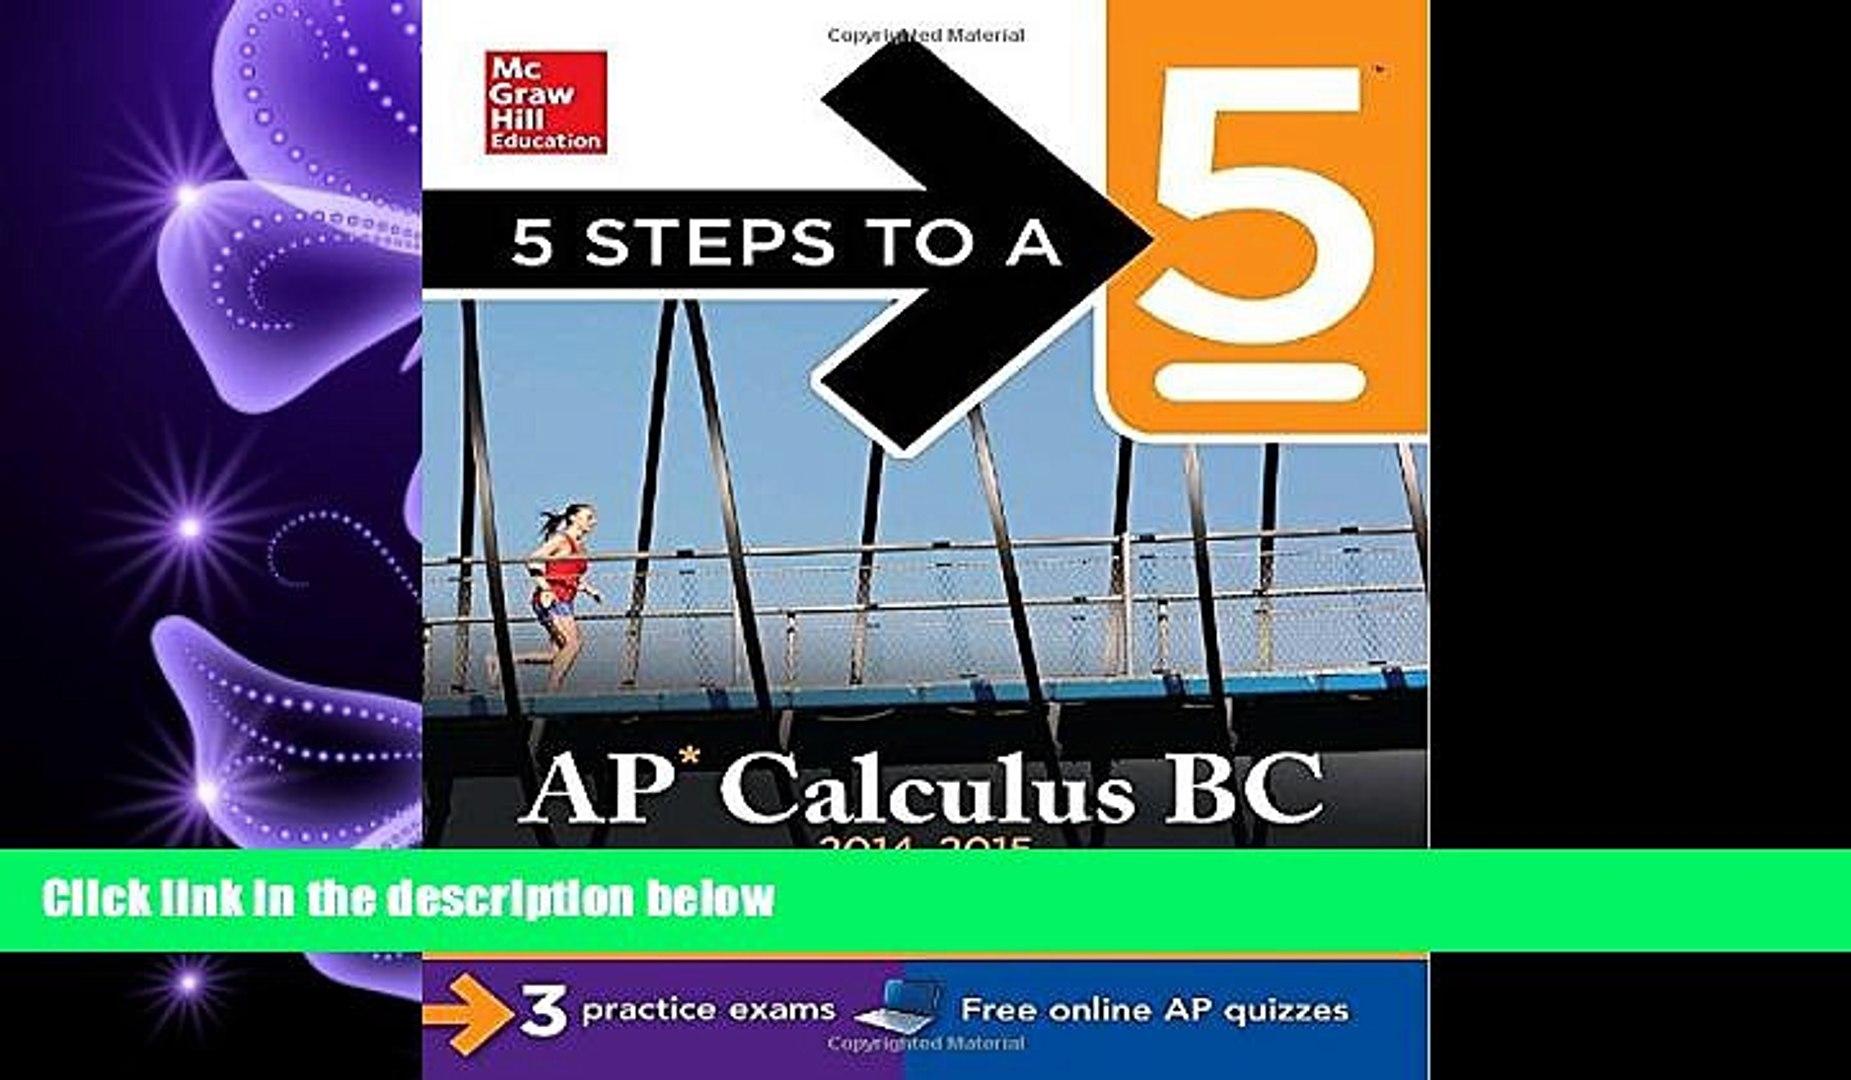 AP Calculus BC, 2014-2015 Edition